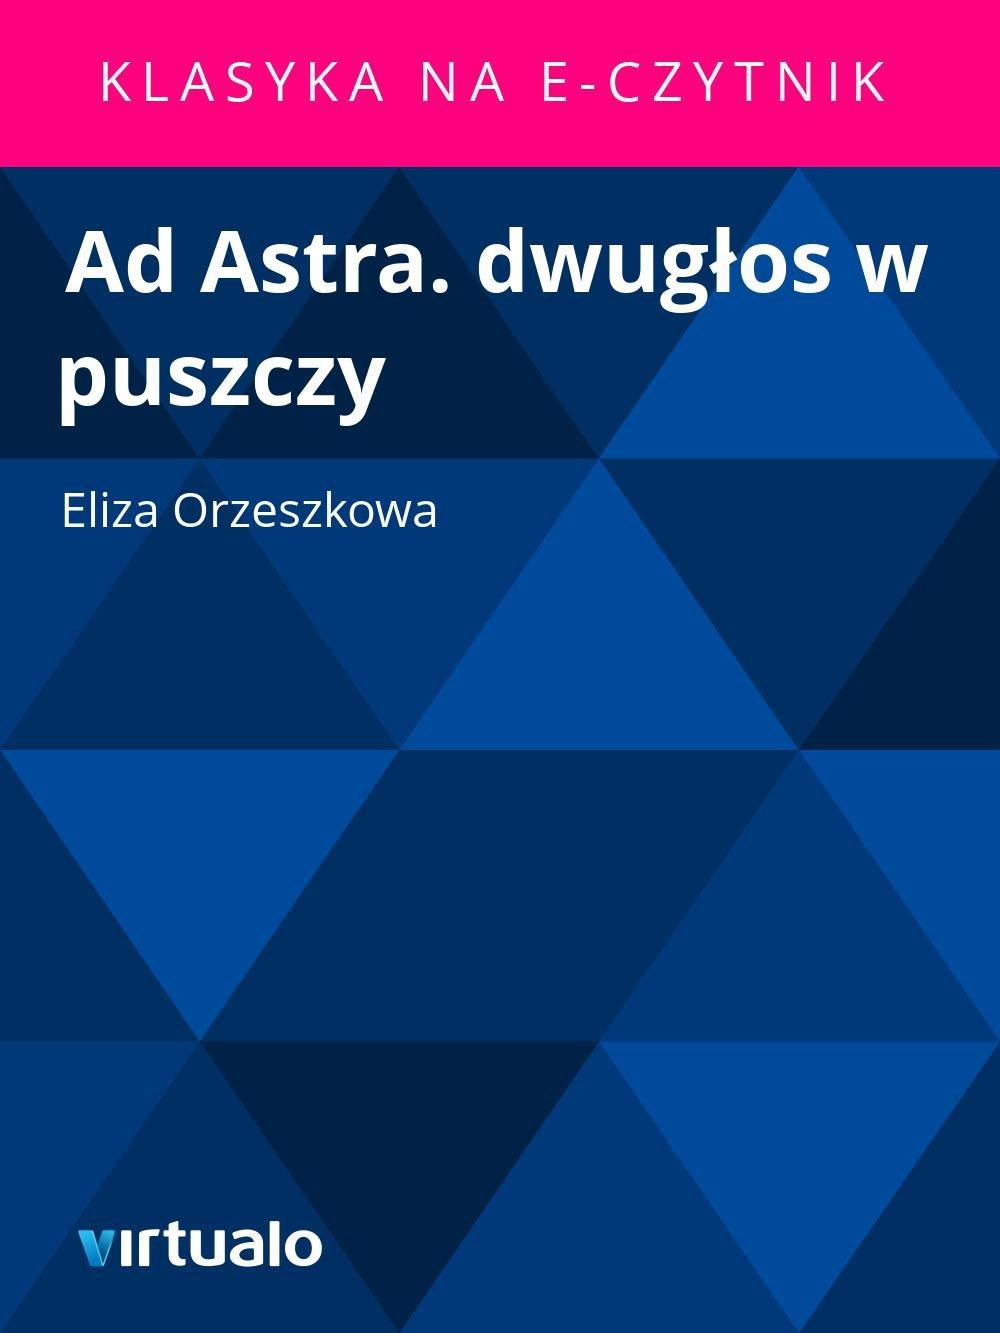 Ad Astra. dwugłos w puszczy - Ebook (Książka EPUB) do pobrania w formacie EPUB